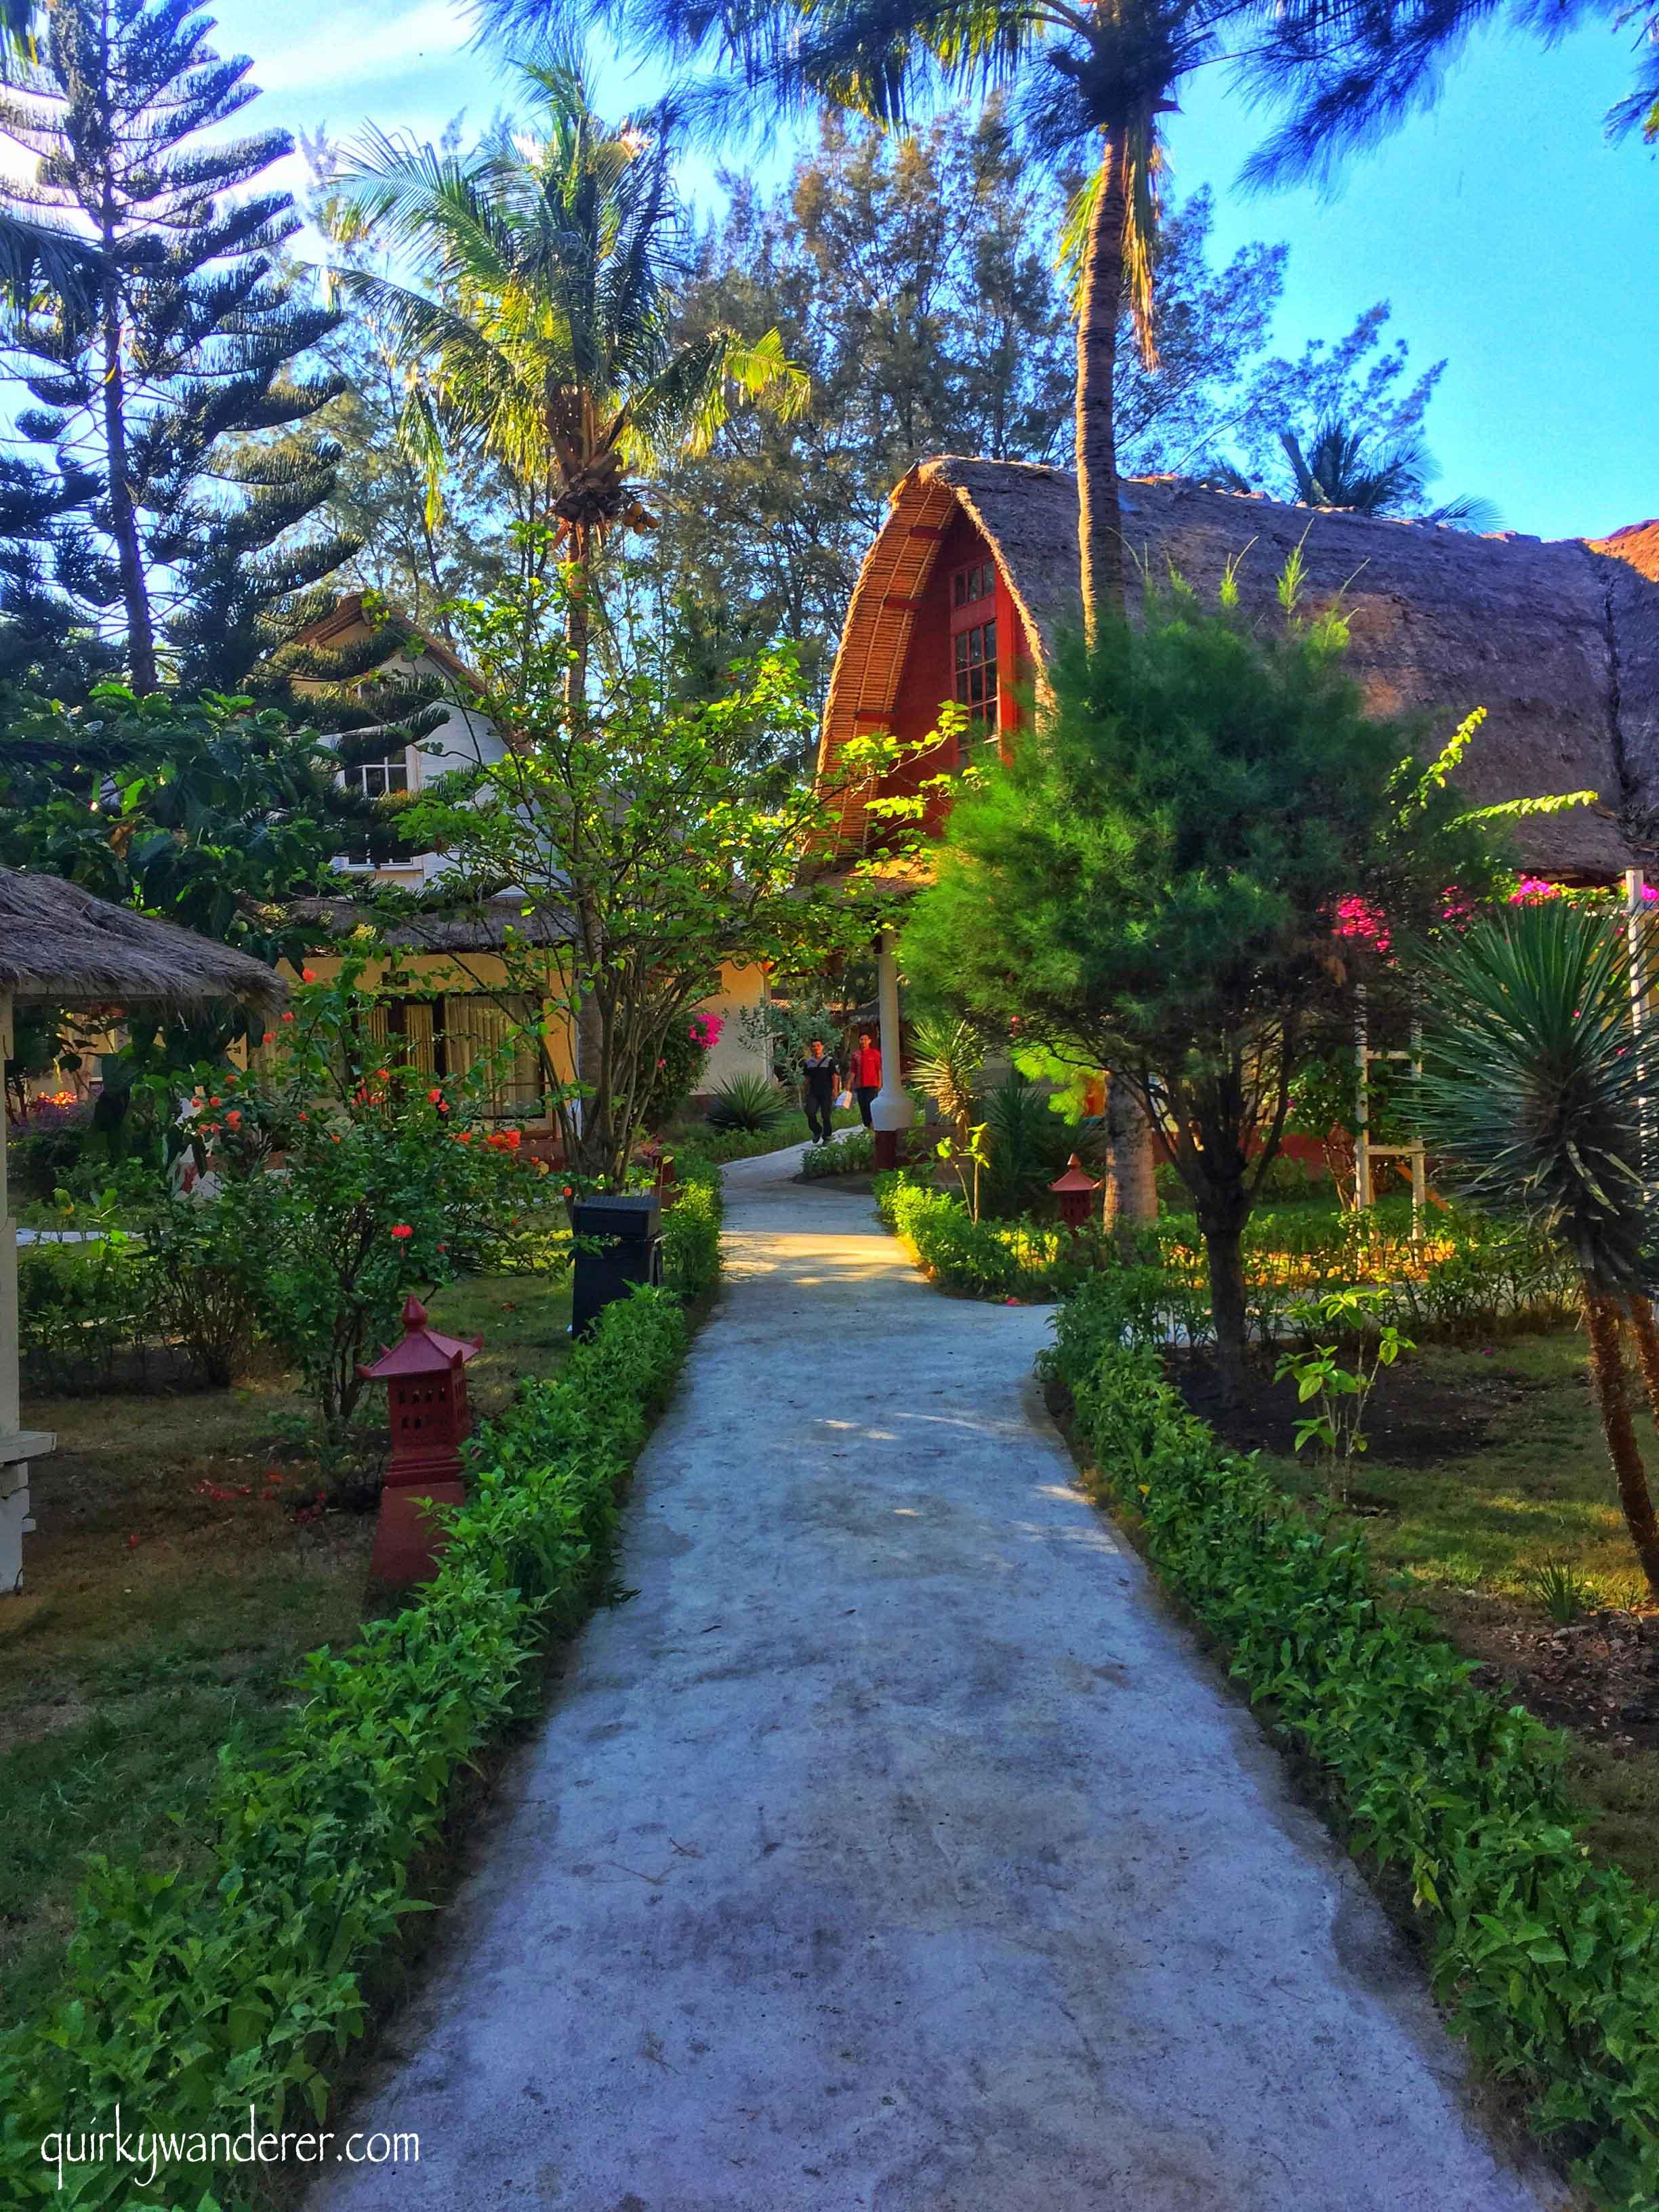 Jambuluwak resort